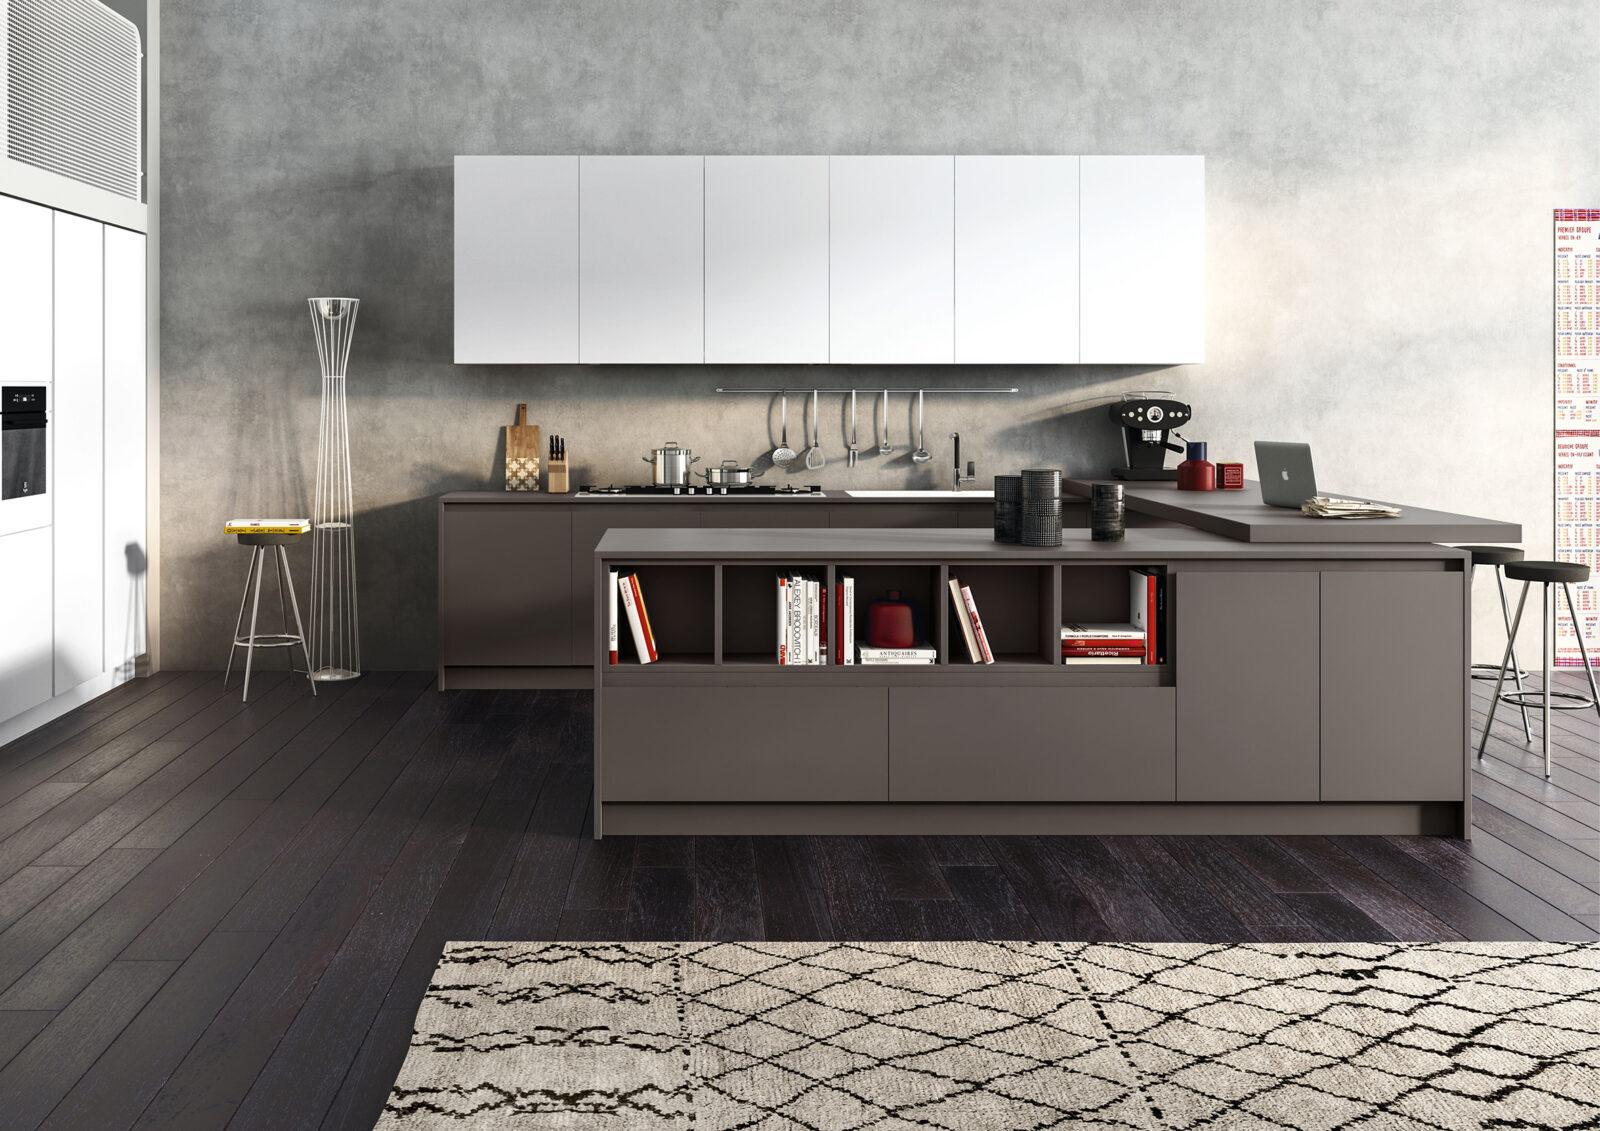 Fabbrica Cucine Casalecchio – Linea B Cucine